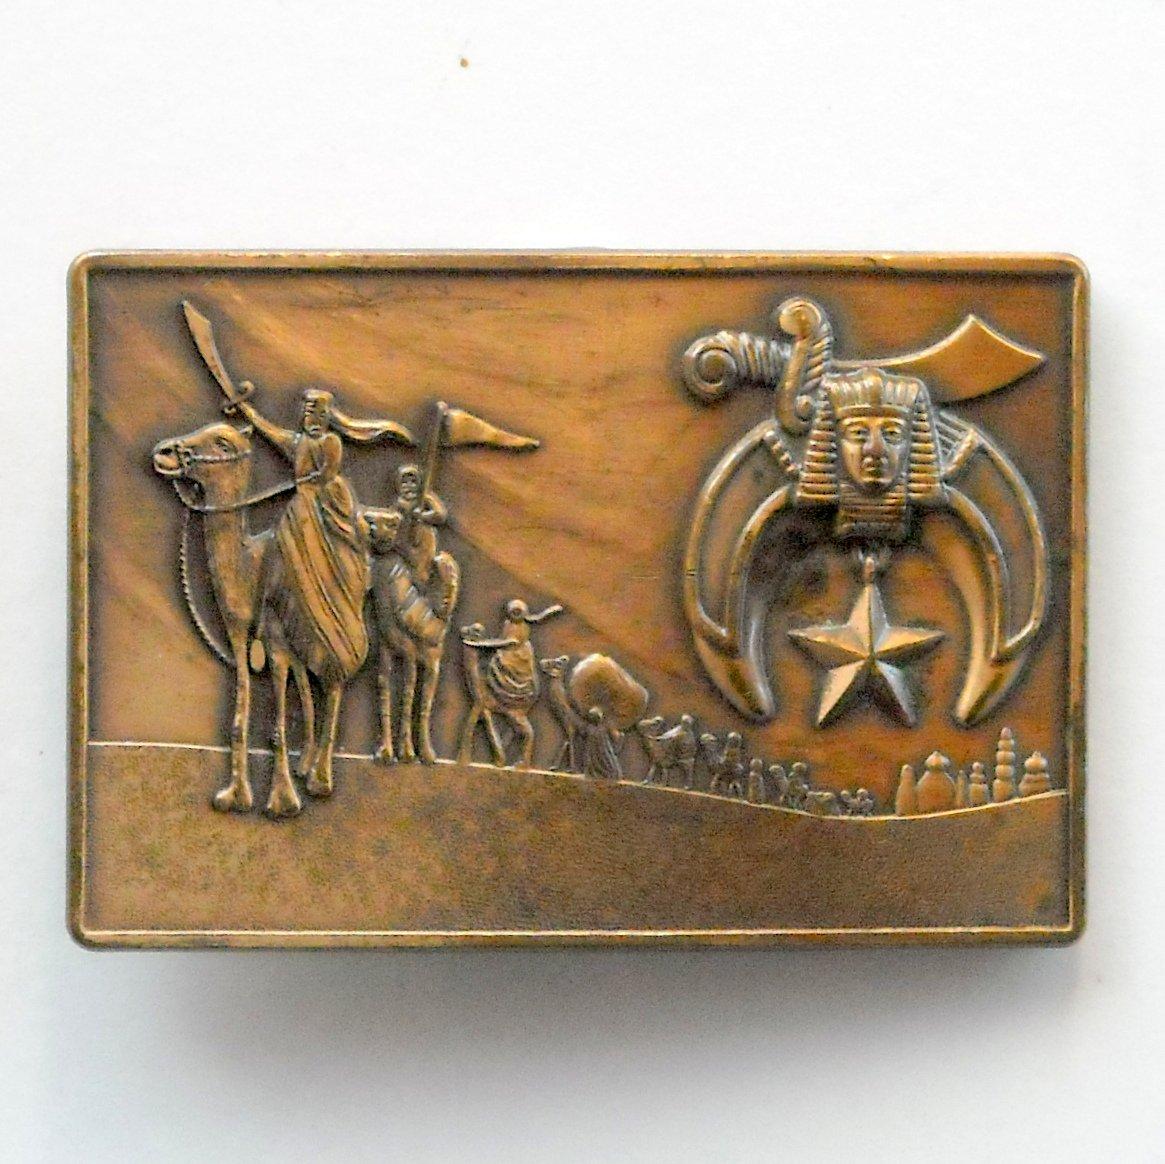 Shriners Solid Bronze Vintage belt buckle